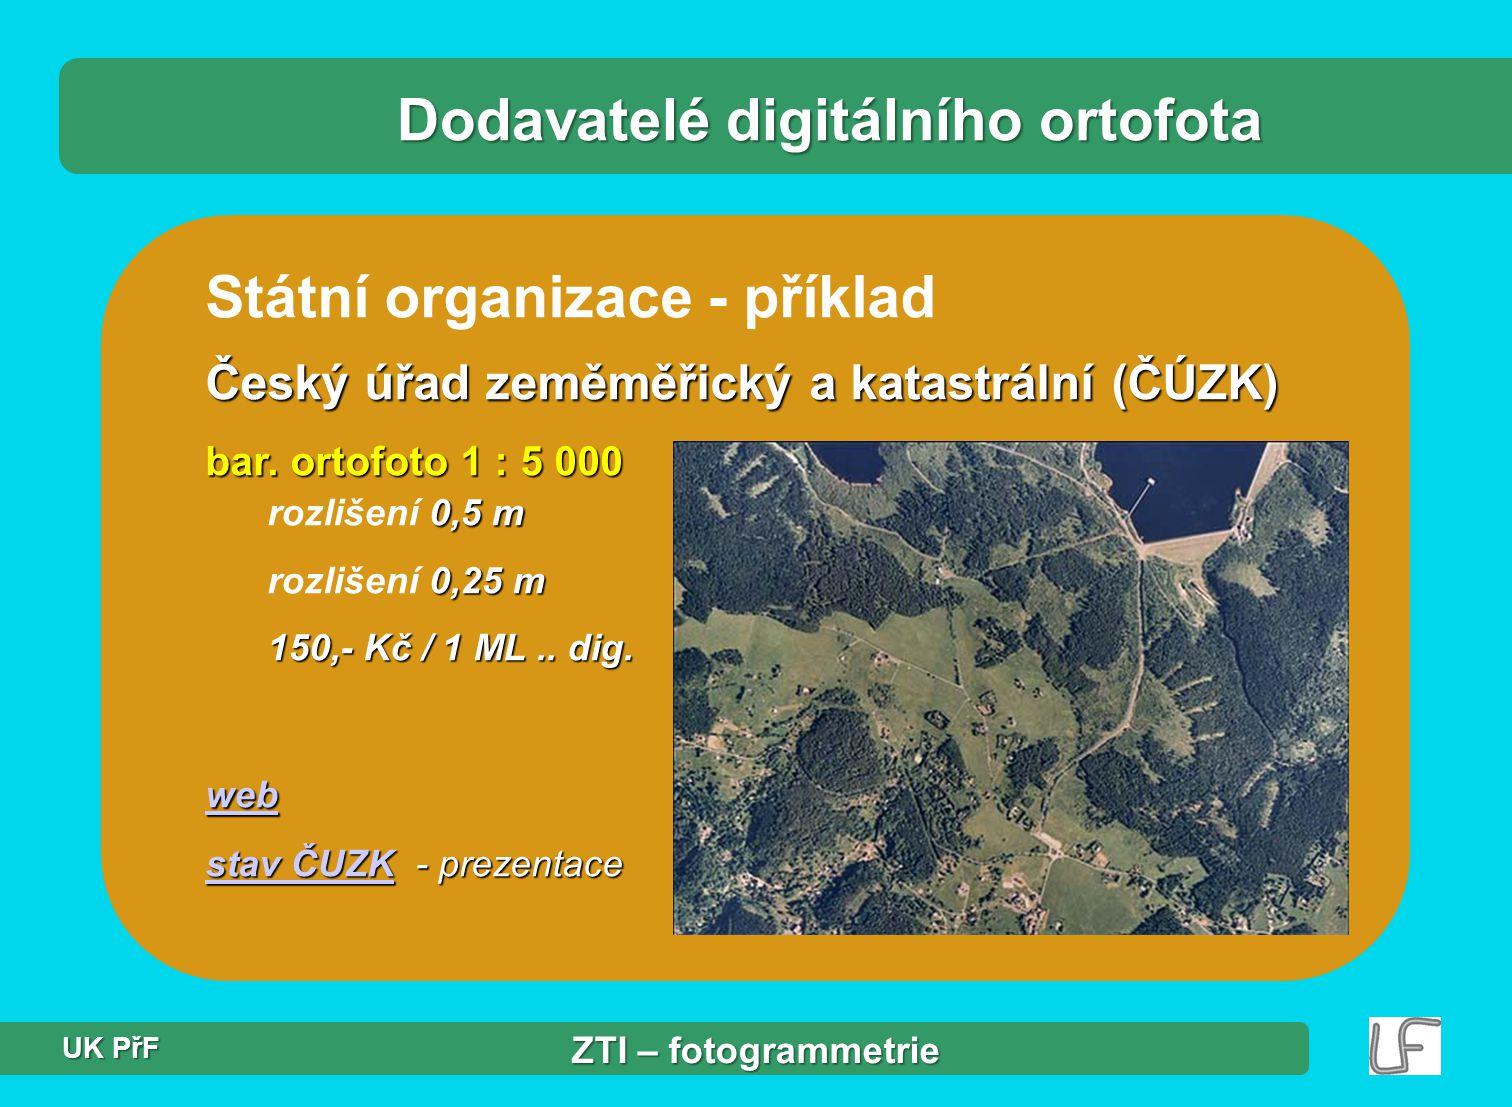 Státní organizace - příklad Český úřad zeměměřický a katastrální (ČÚZK) bar. ortofoto 1 : 5 000 0,5 m bar. ortofoto 1 : 5 000 rozlišení 0,5 m 0,25 m r